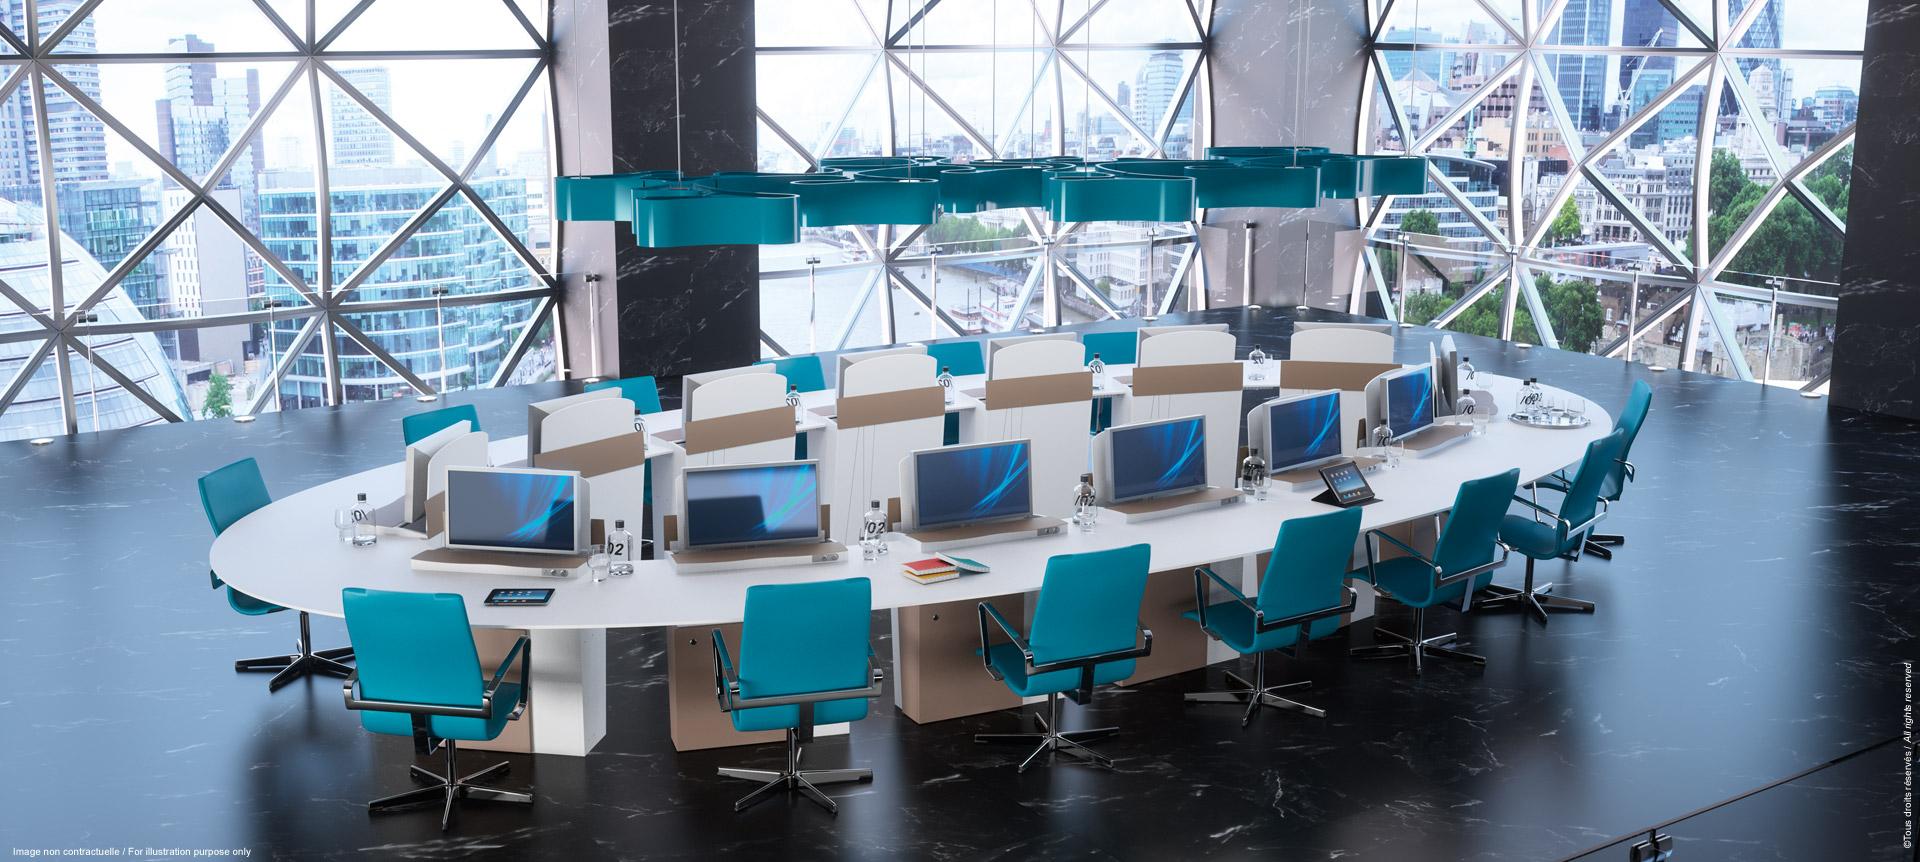 Une salle de réunion convertible en un clin d'œil en salle de formation ou de visioconférence